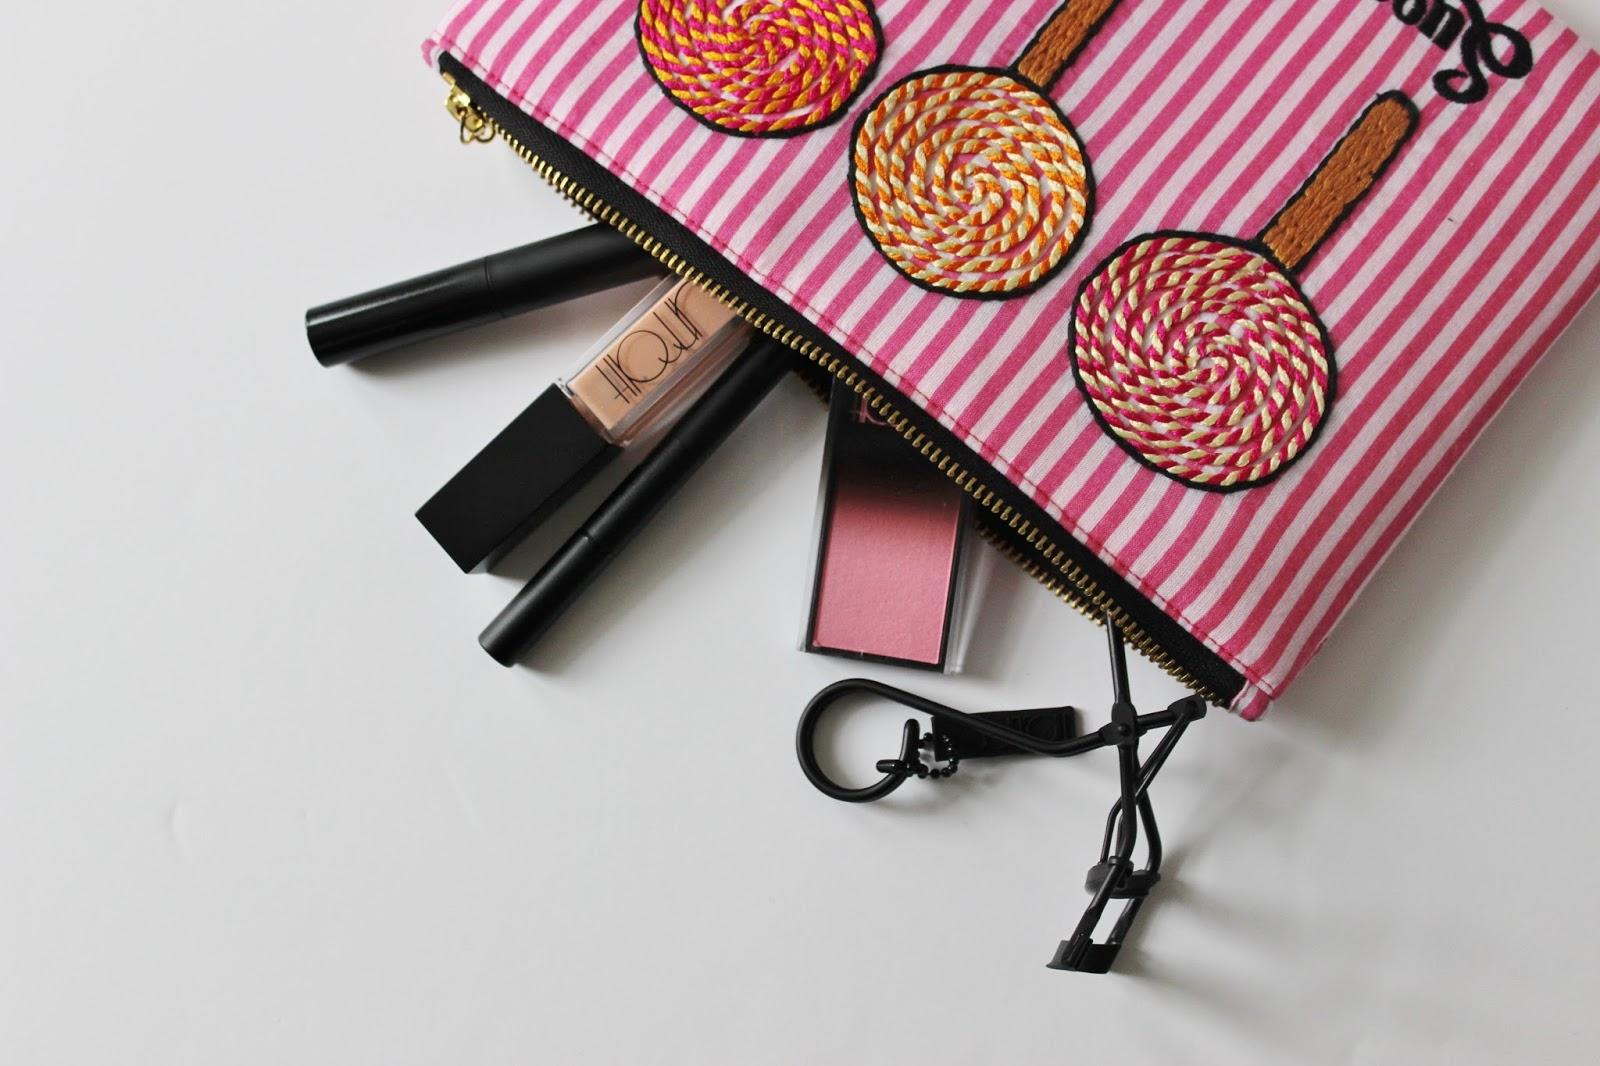 Surratt makeup